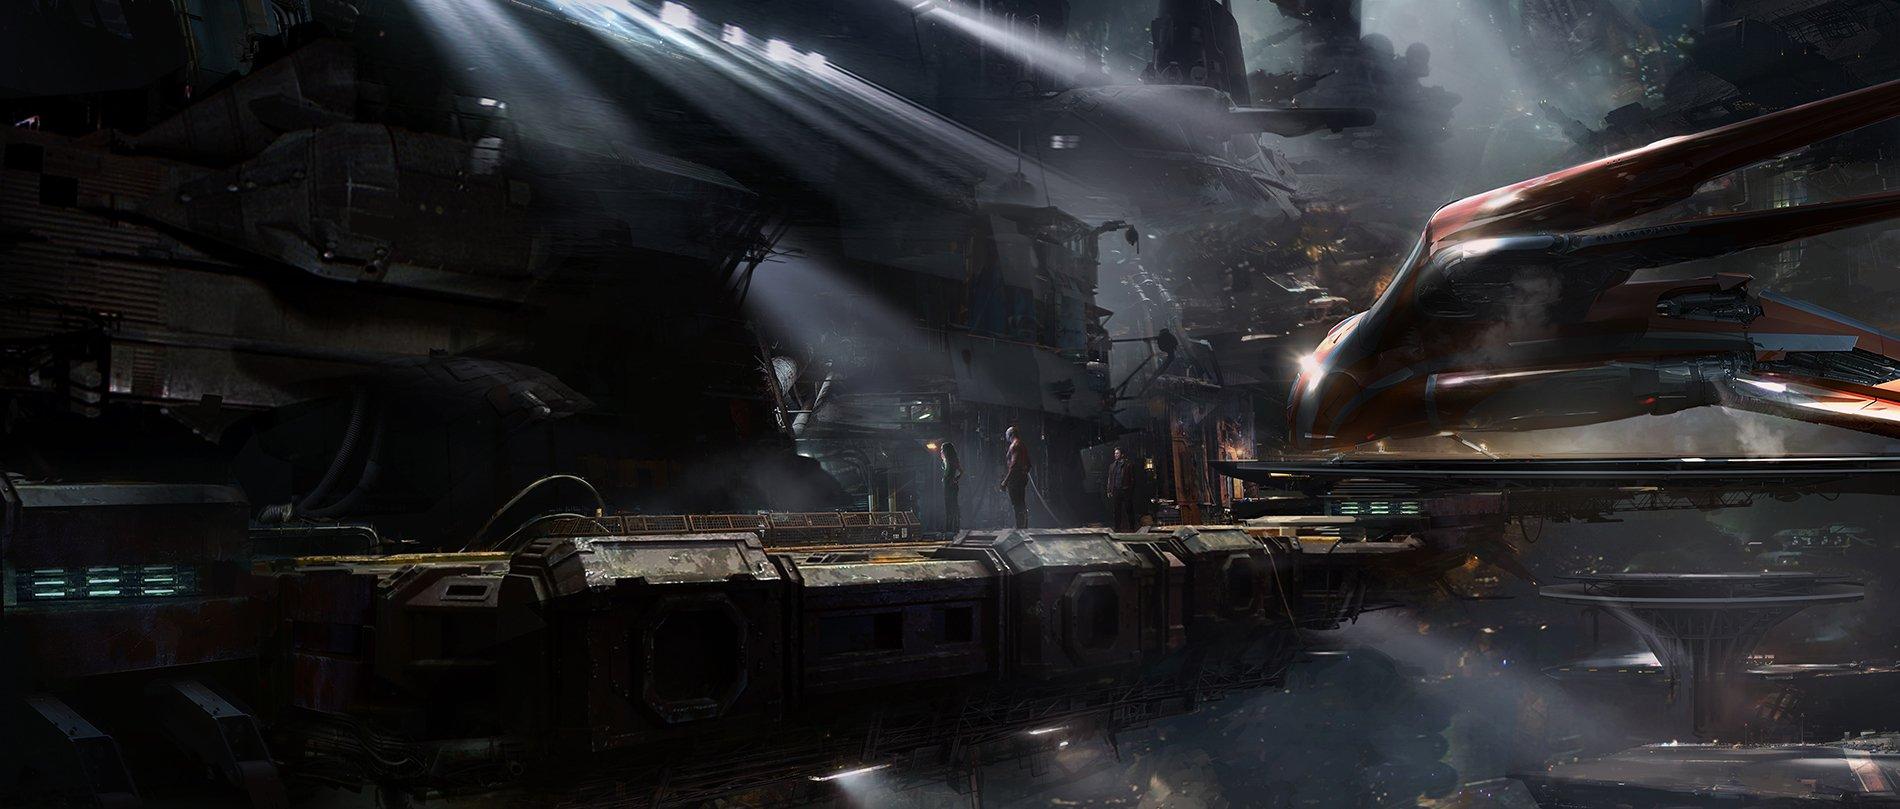 Концепт-арт Войны Бесконечности: Knowere loading bay by Pete Thompson